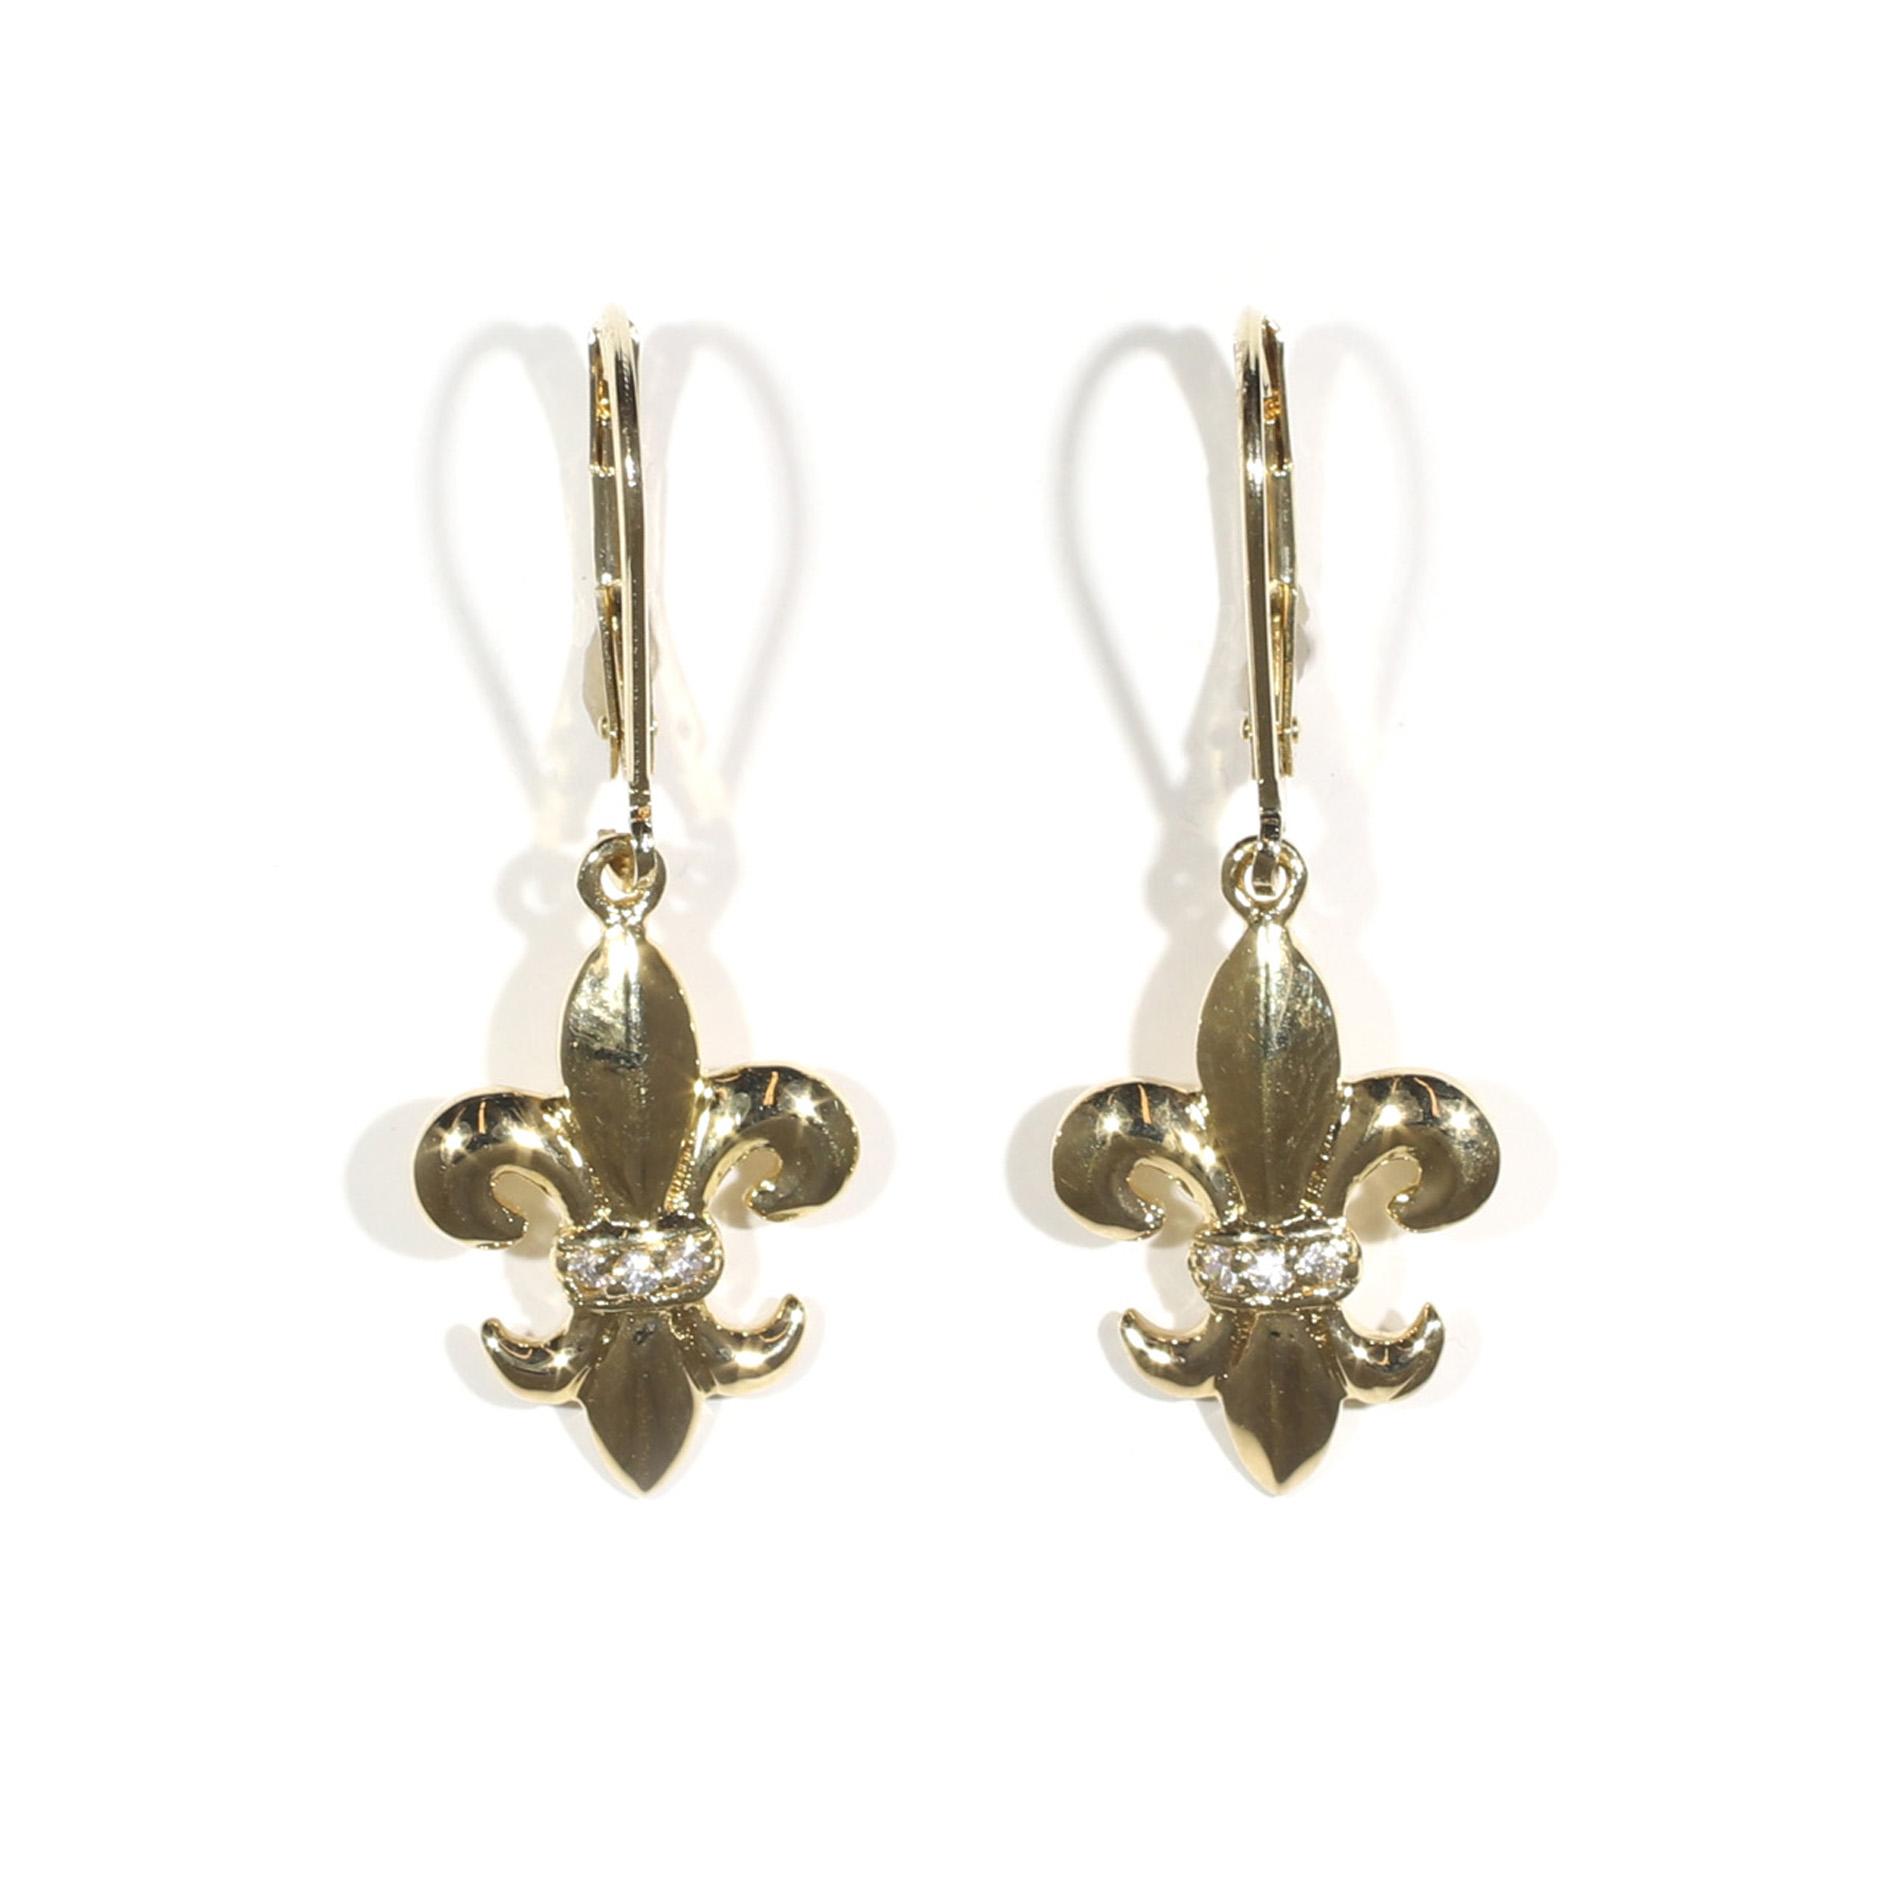 High Polish Fleur De Lis Leverback Earrings